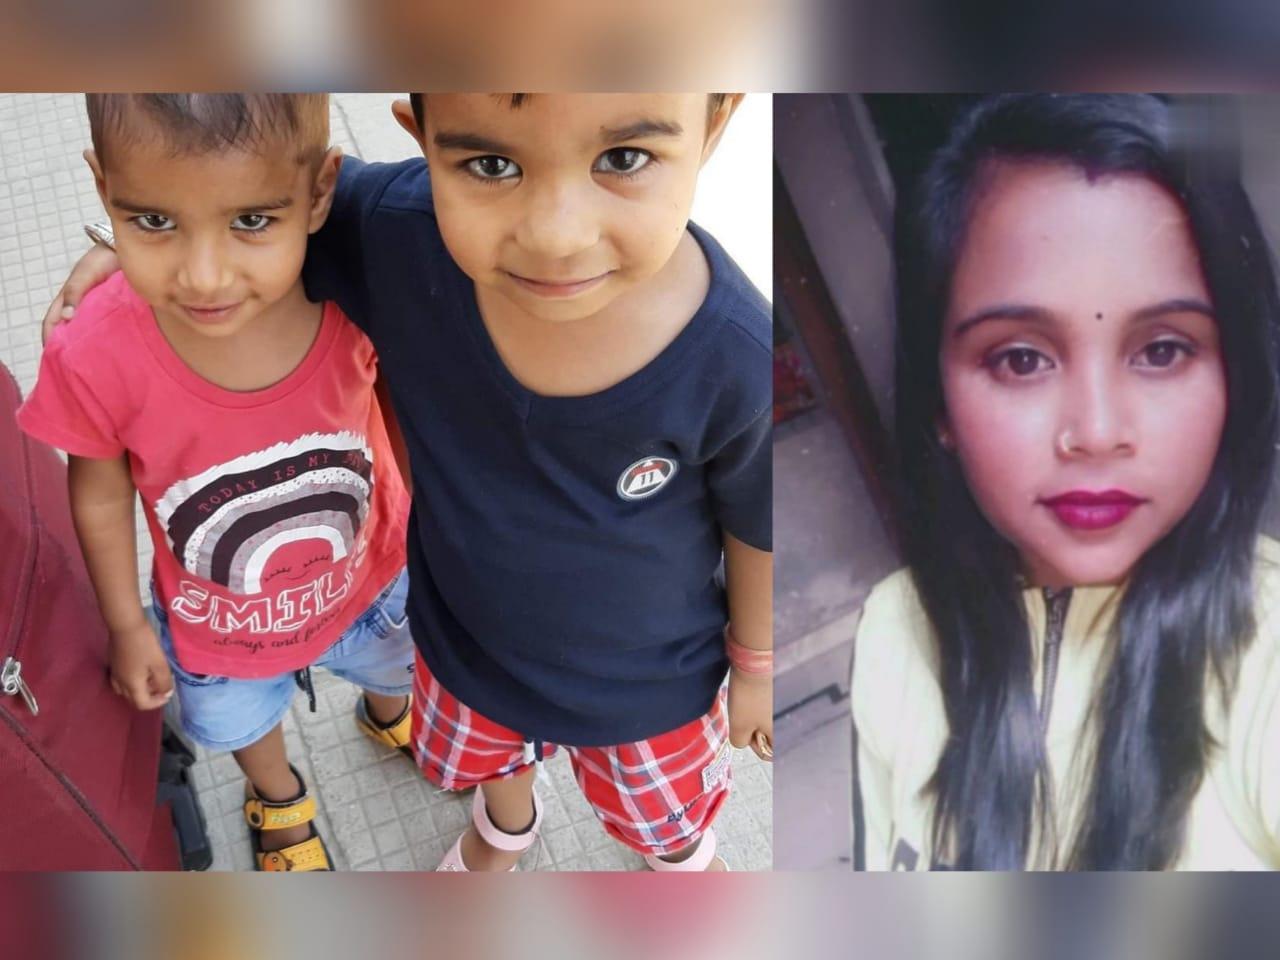 4 साल की बेटी की मौत, 6 साल की बच्ची बोली- मां ने दवा बताकर खिलाया, ससुर का आरोप- पति की मौत के बाद रुपए हड़पने दिखाई क्रूरता|जालंधर,Jalandhar - Dainik Bhaskar